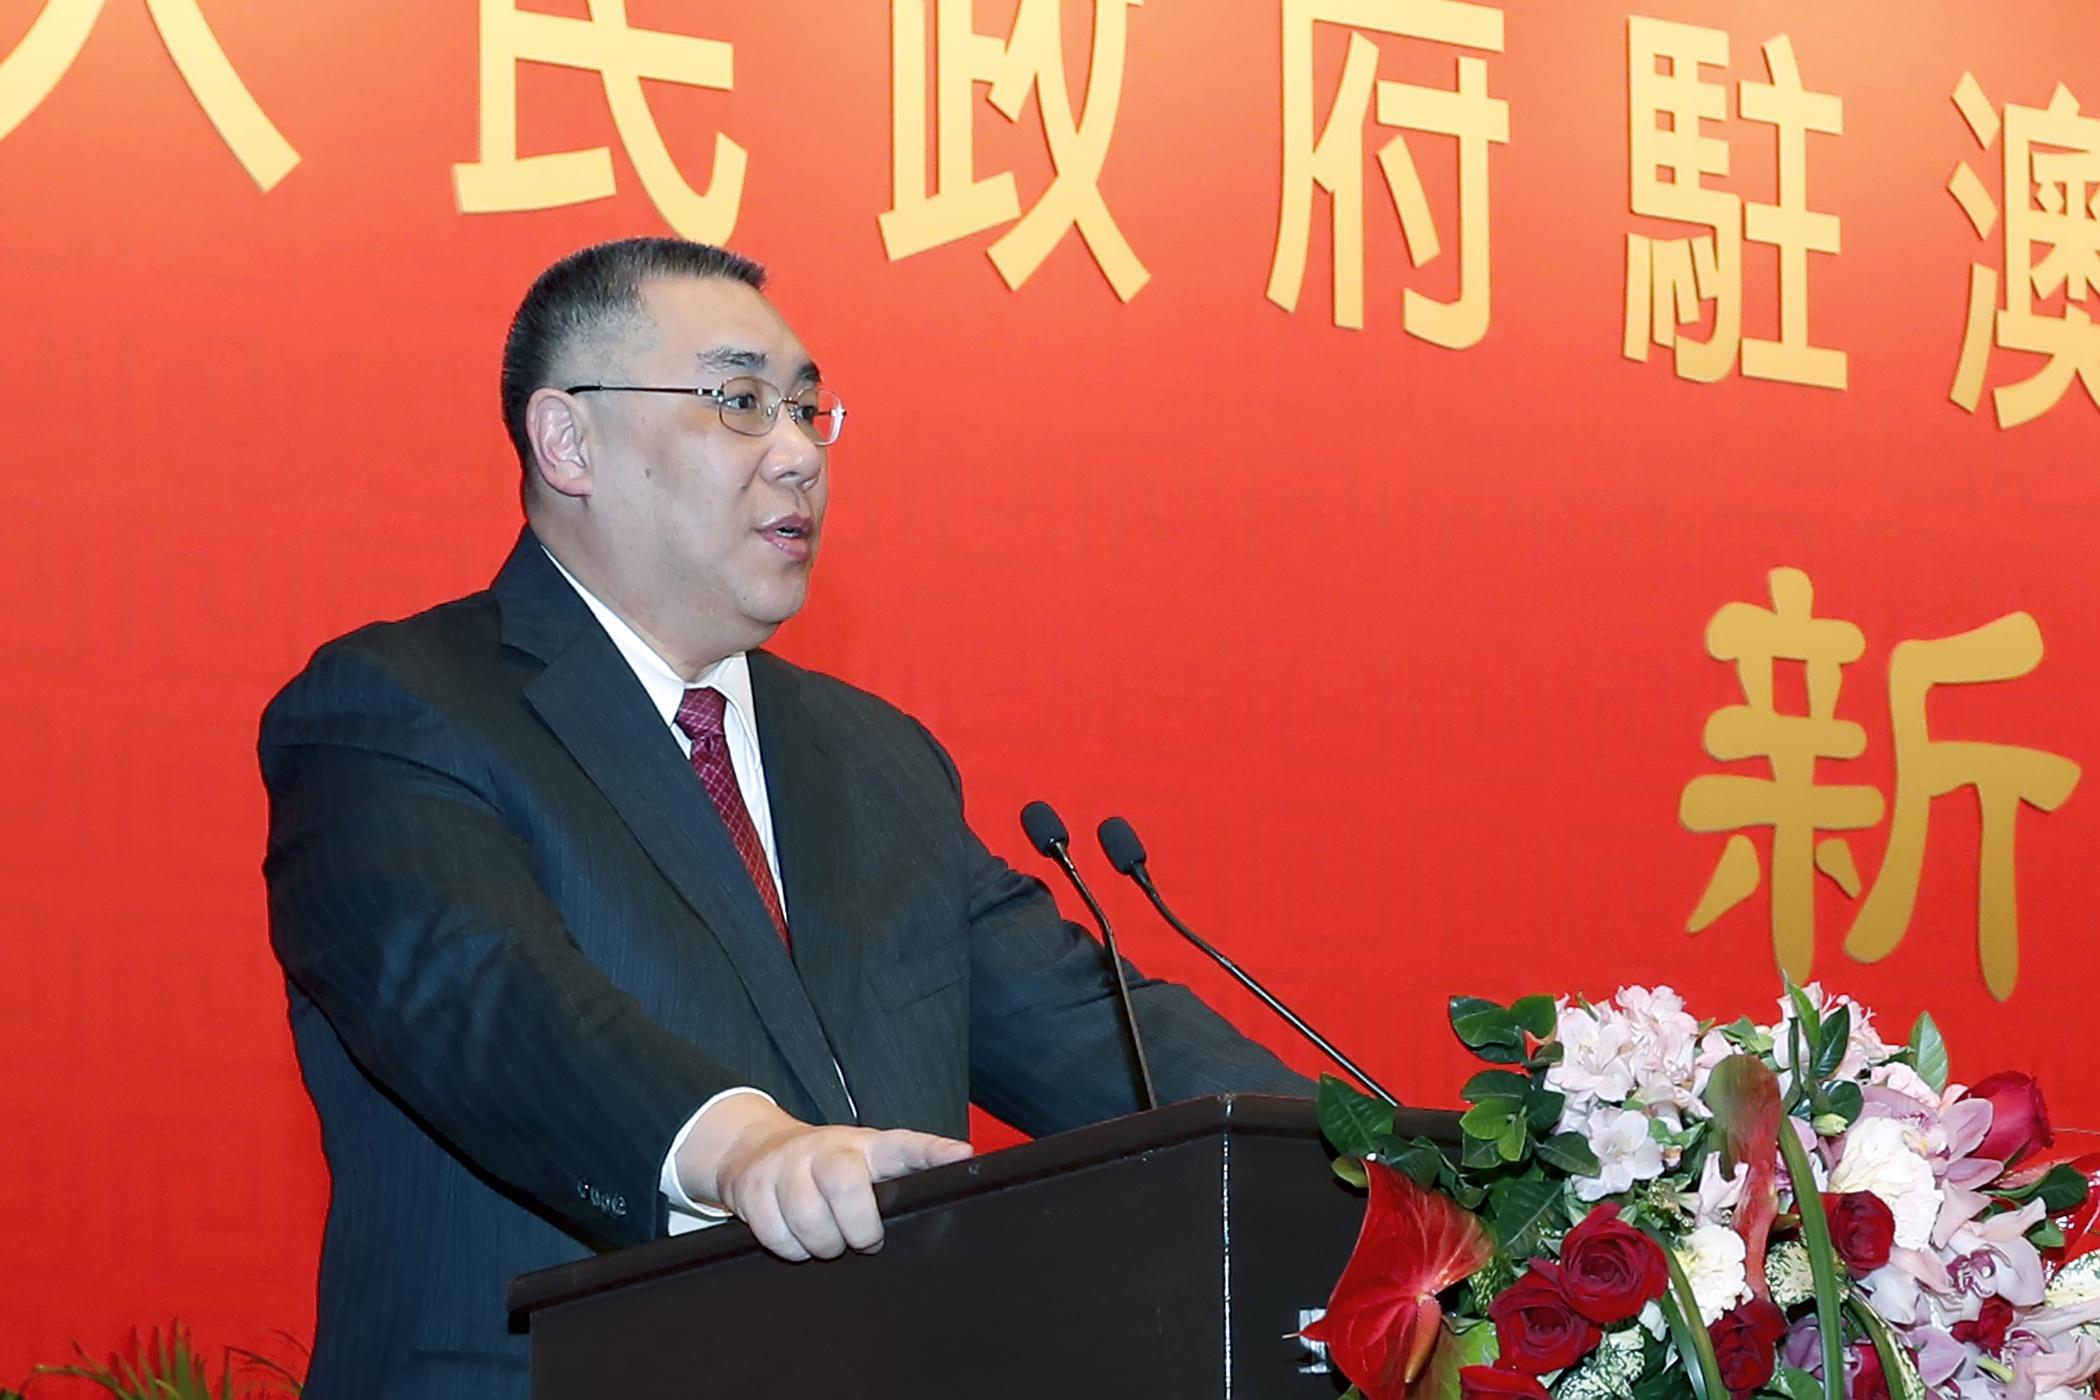 Chui Sai On | Encontros destacam importância da Medicina Tradicional Chinesa